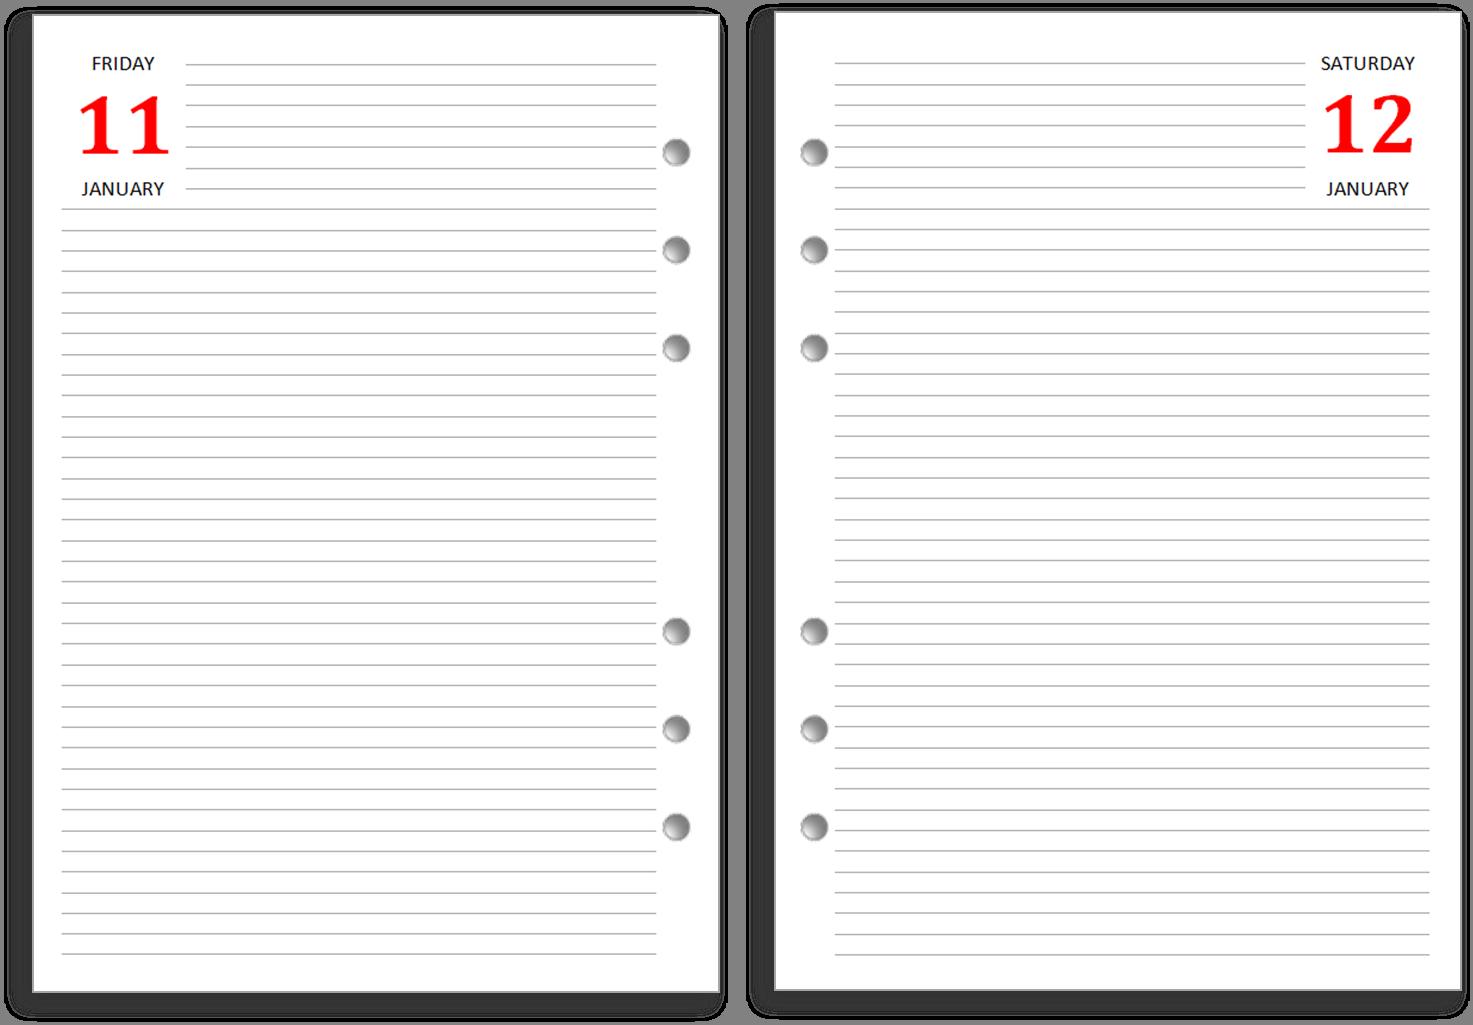 Calendar clipart diary, Calendar diary Transparent FREE for.